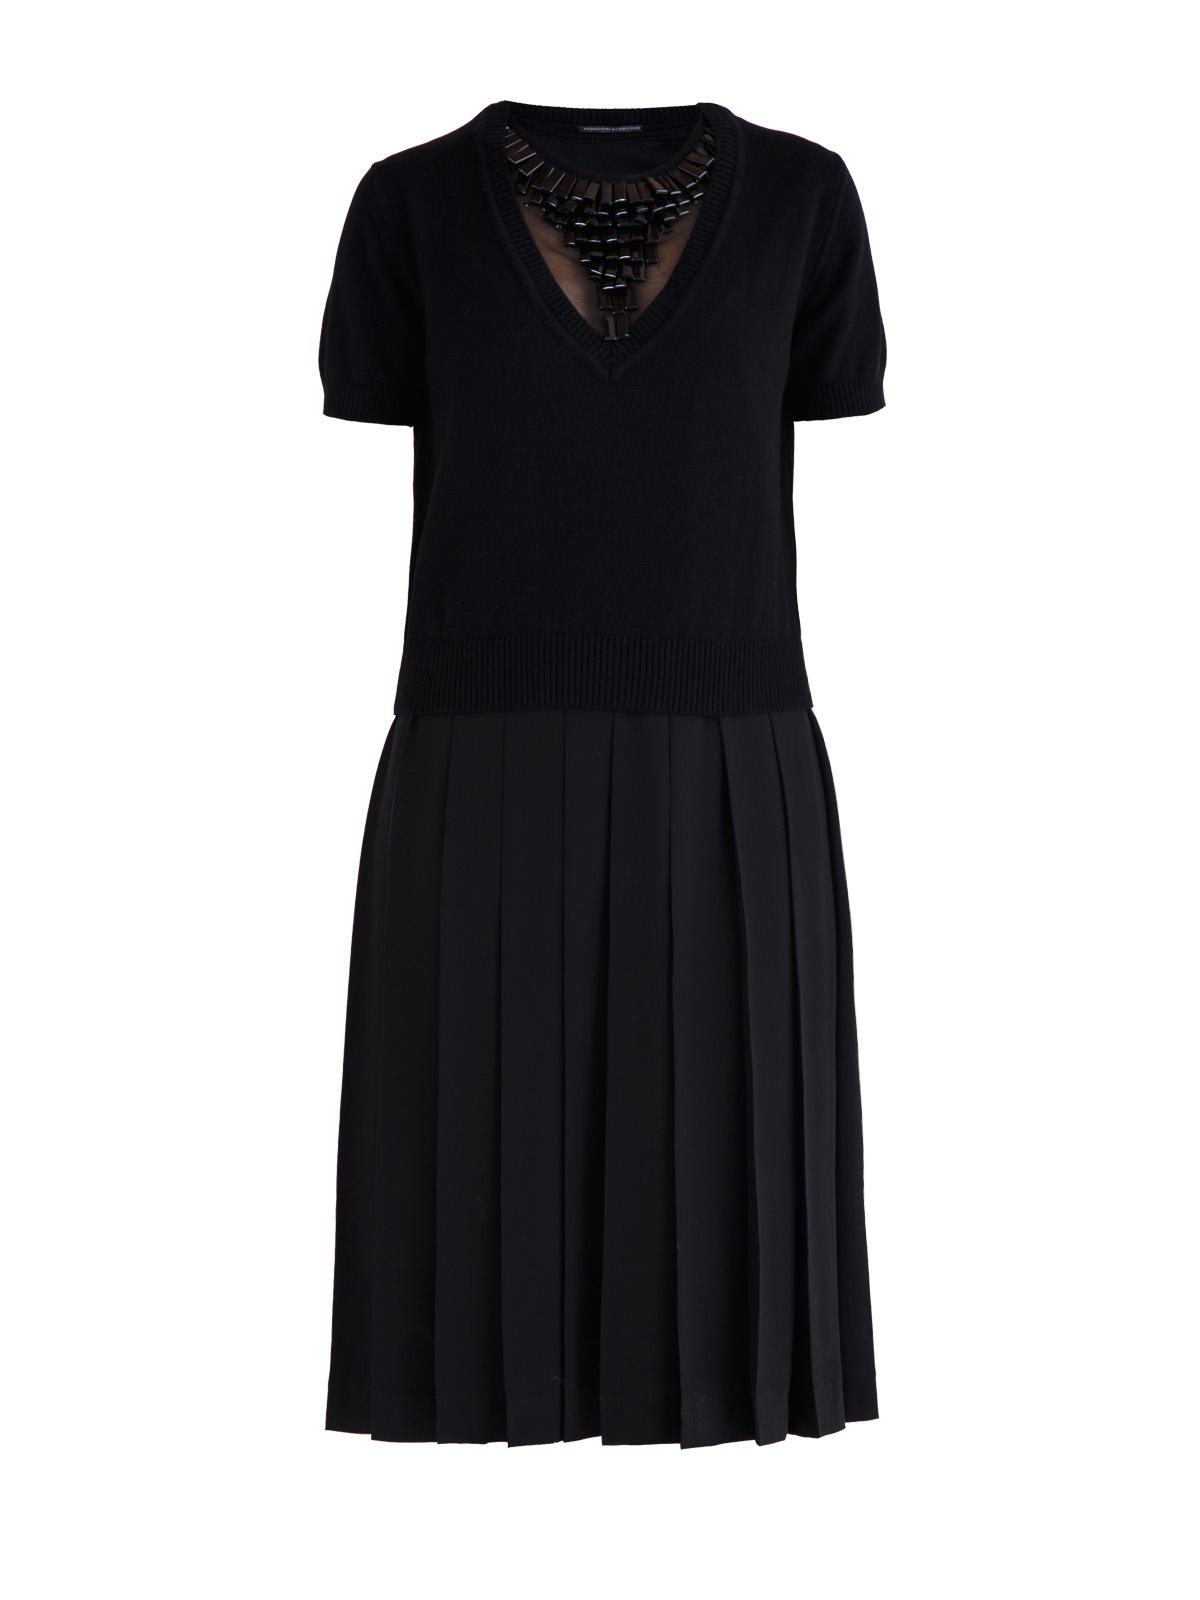 Купить Платье, ERMANNO SCERVINO, Италия, кашемир 100%